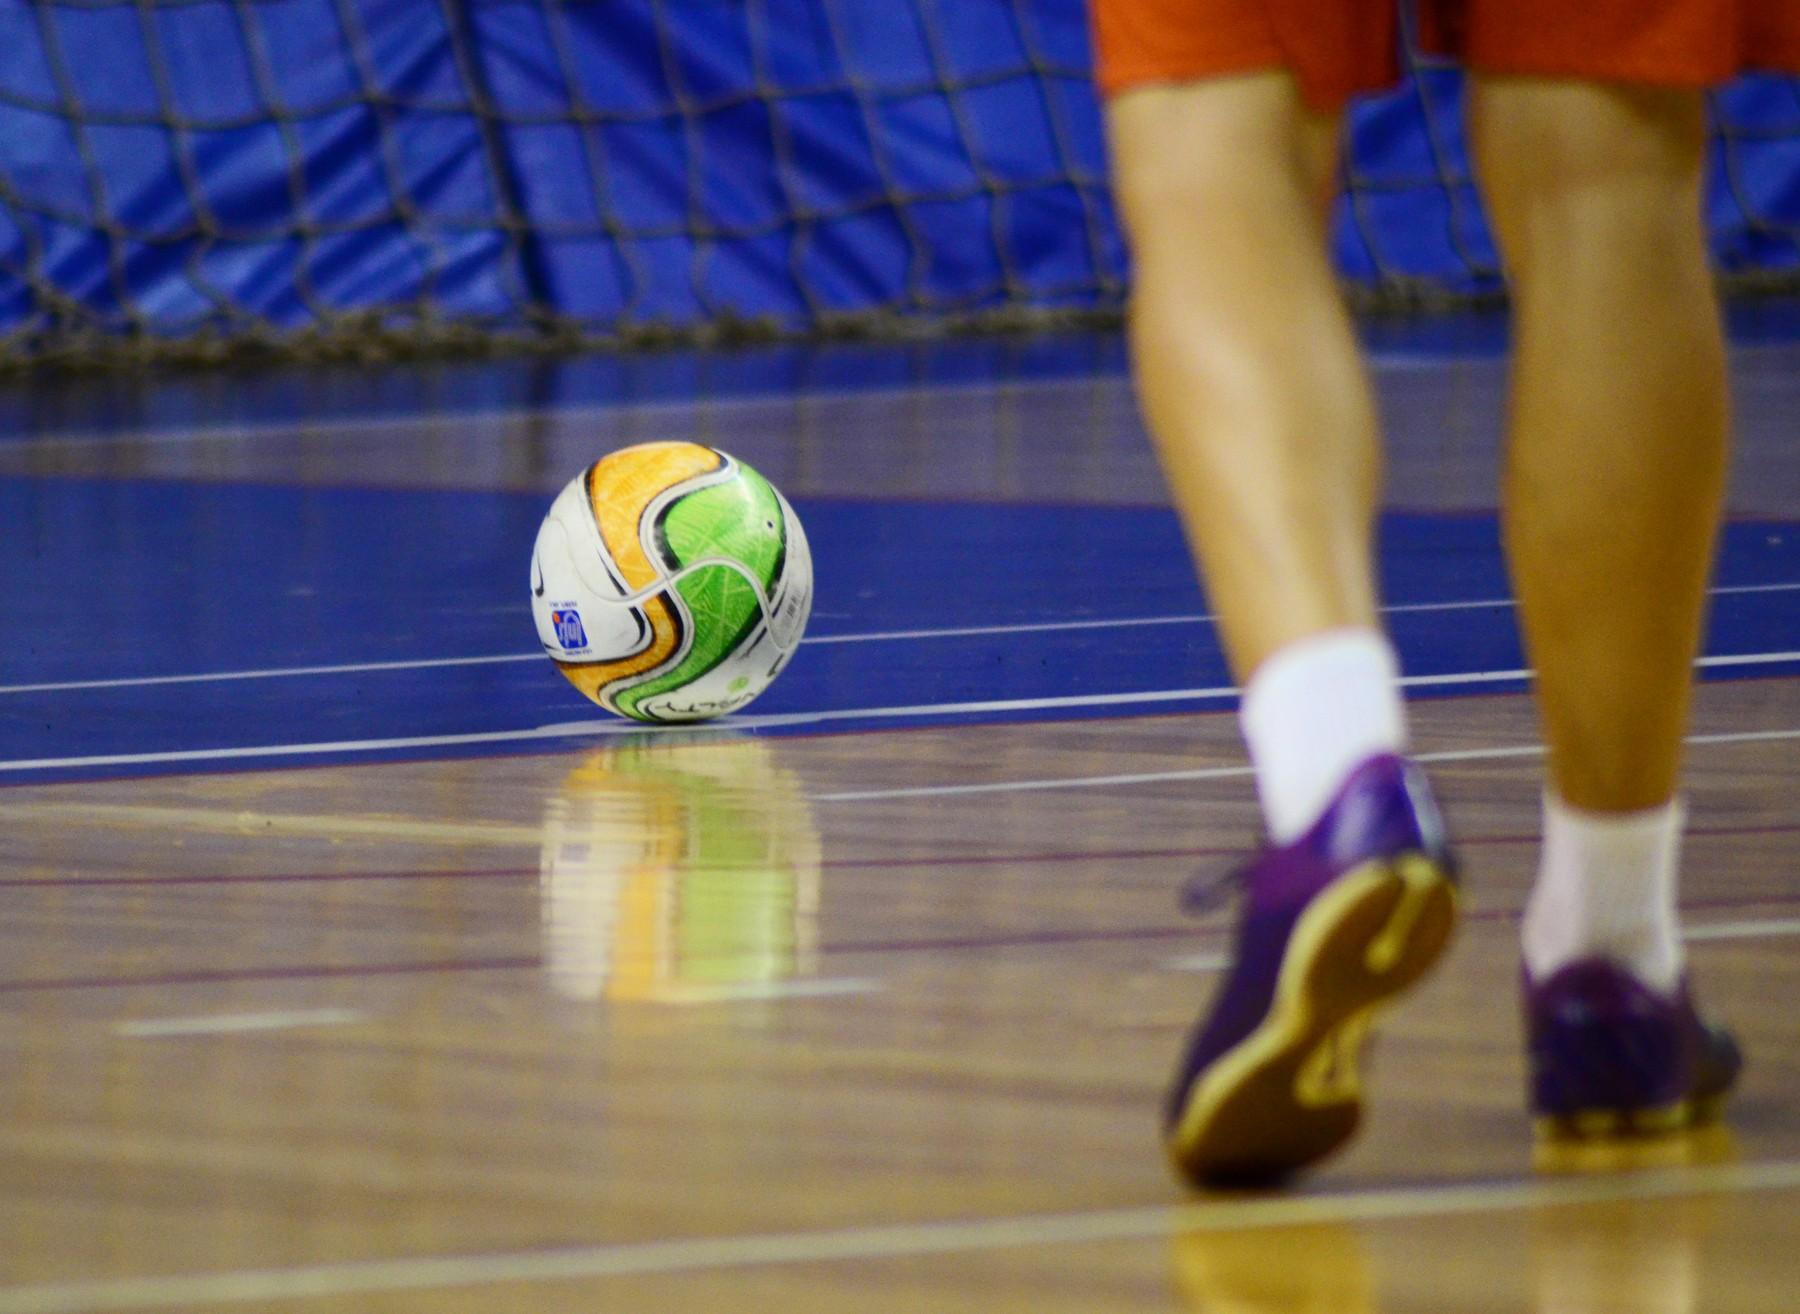 Facopp enfrenta Fepp no futsal masculino pelo Intercalouros